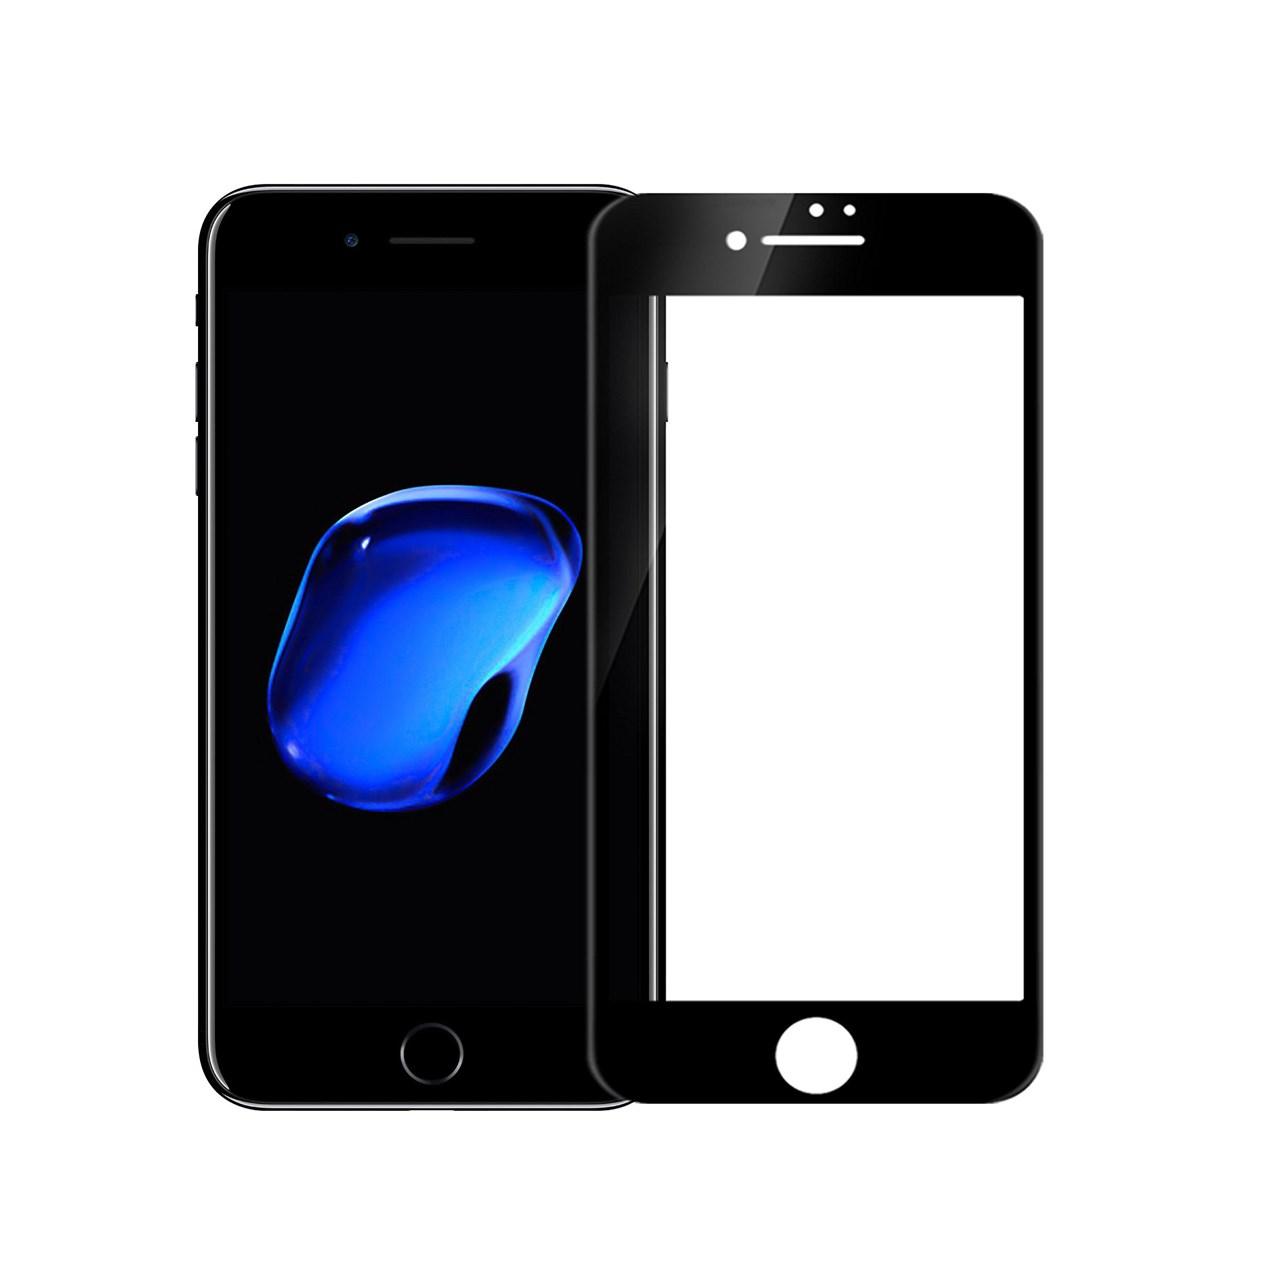 محافظ صفحه نمایش راک مدل Full Cover Tempered Glass مناسب برای آیفون 7 پلاس